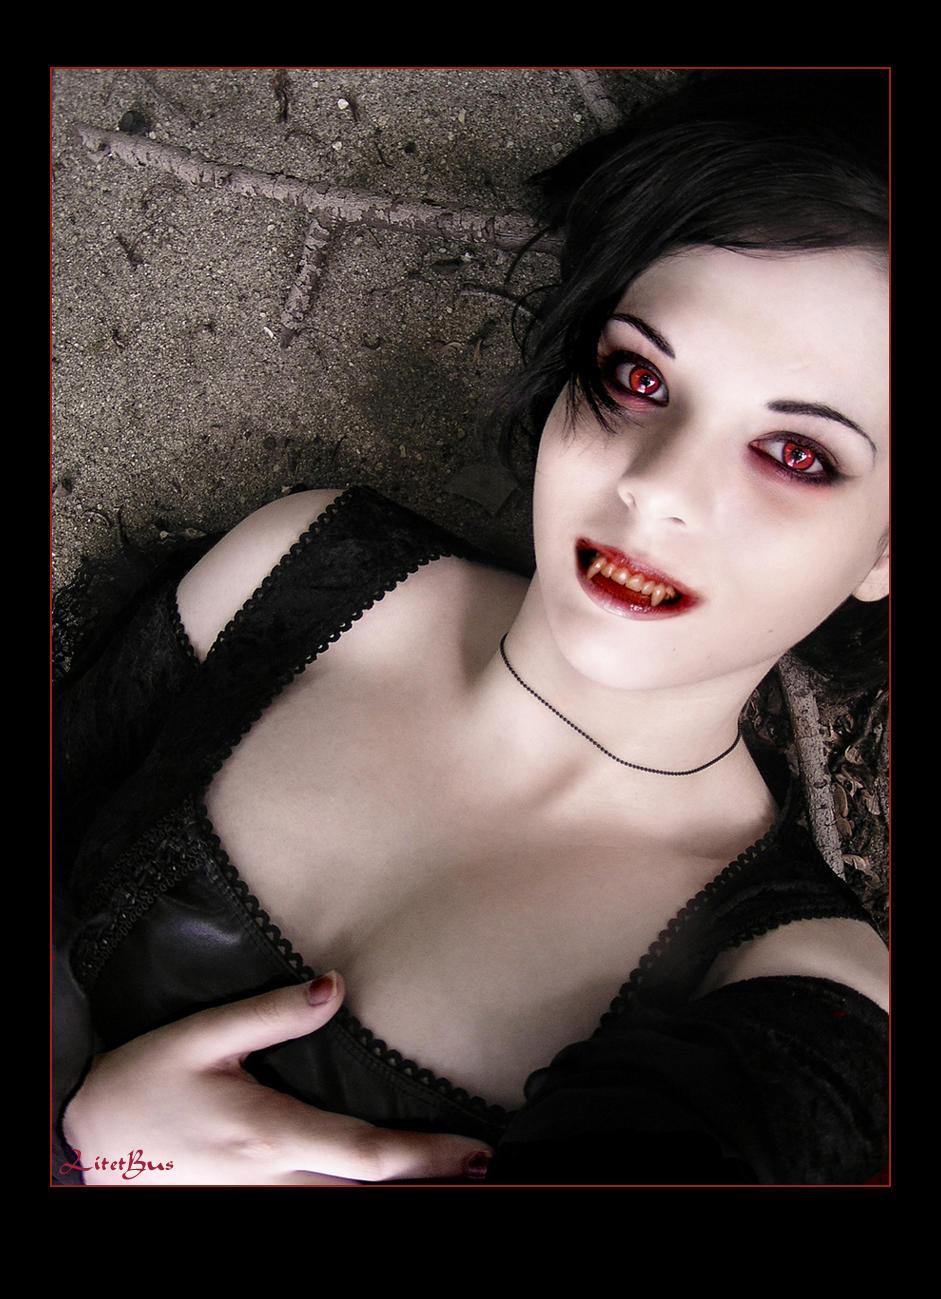 http://fc03.deviantart.net/fs6/i/2005/027/f/1/__Vampire____by_litetbus.jpg